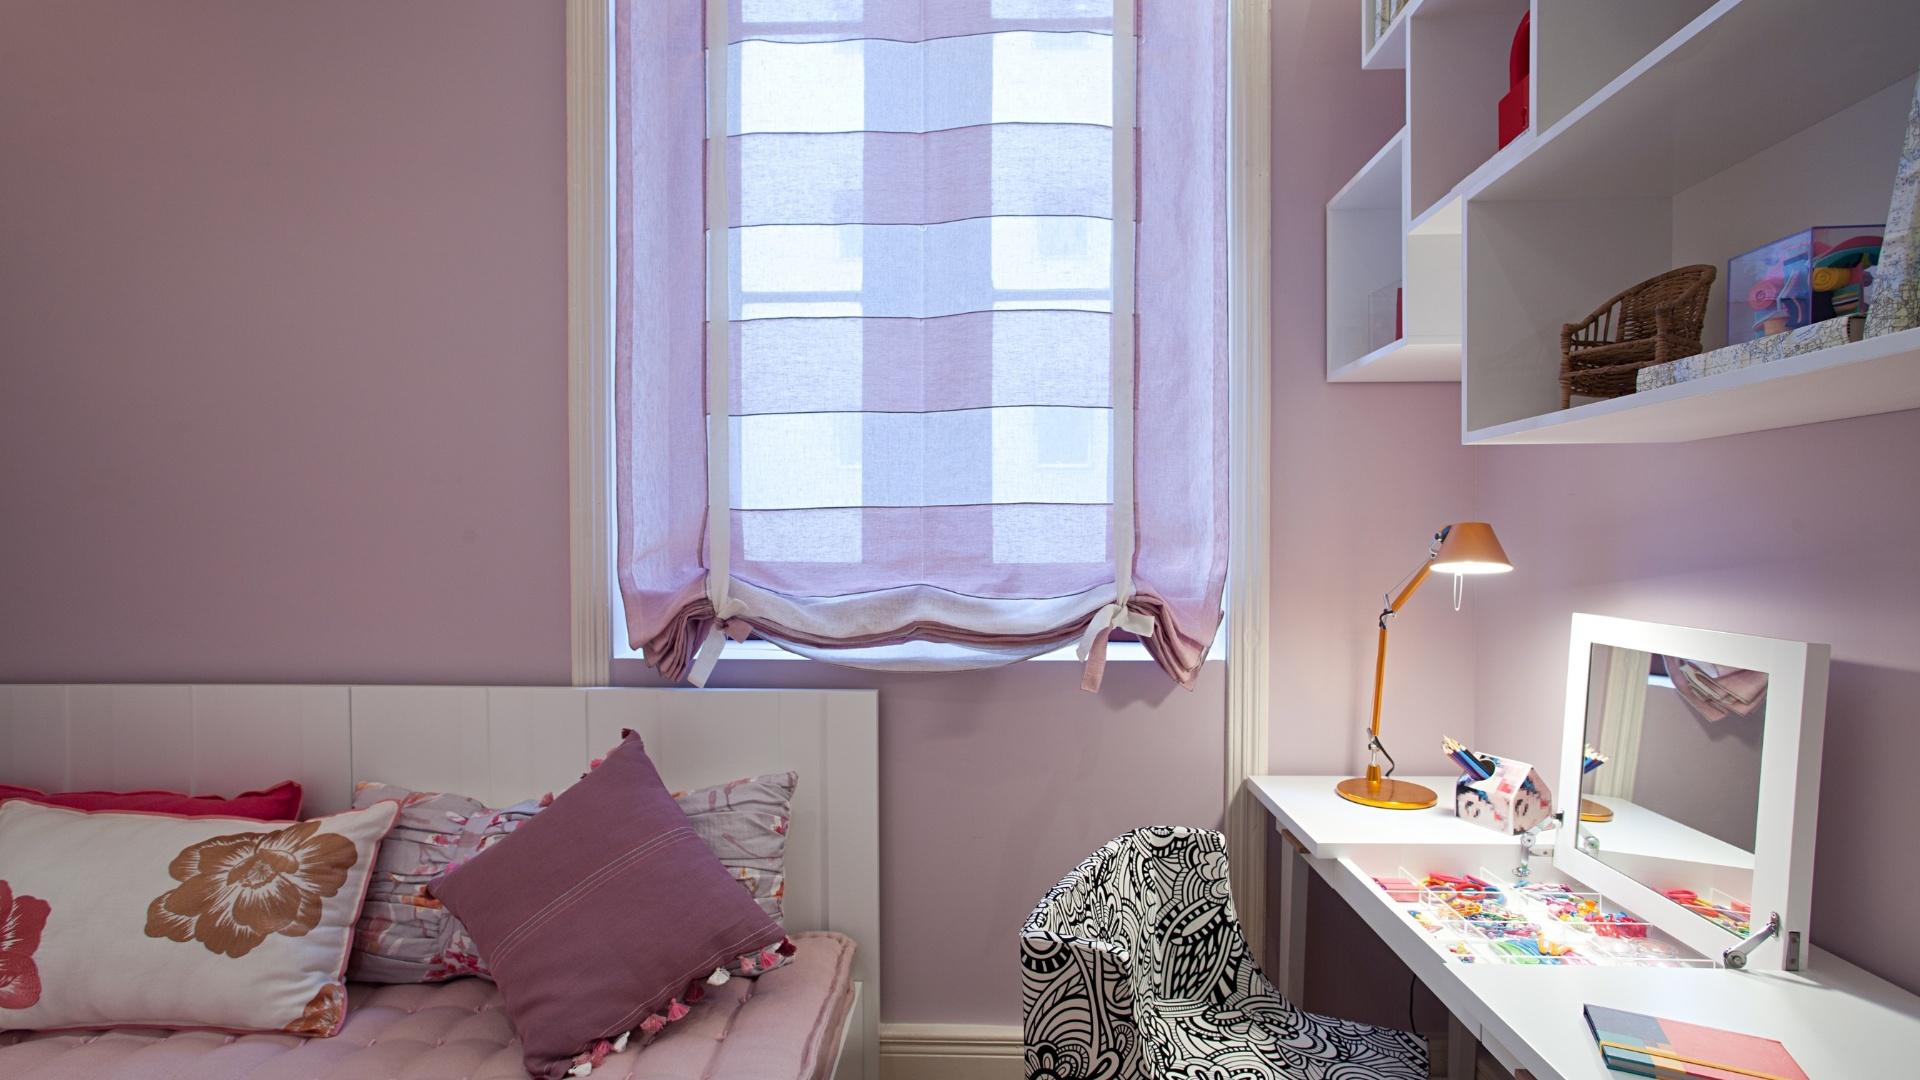 O Apartamento dos Filhos, criado pela arquiteta Marise Marini, divide os 32 m² disponíveis em living, um quarto para o menino de 16 anos e outro para a menina de 14 anos (foto), além de um banheiro que atende aos dois dormitórios. A Casa Cor RJ vai de 03 de outubro a 19 de novembro de 2012, no Rio de Janeiro